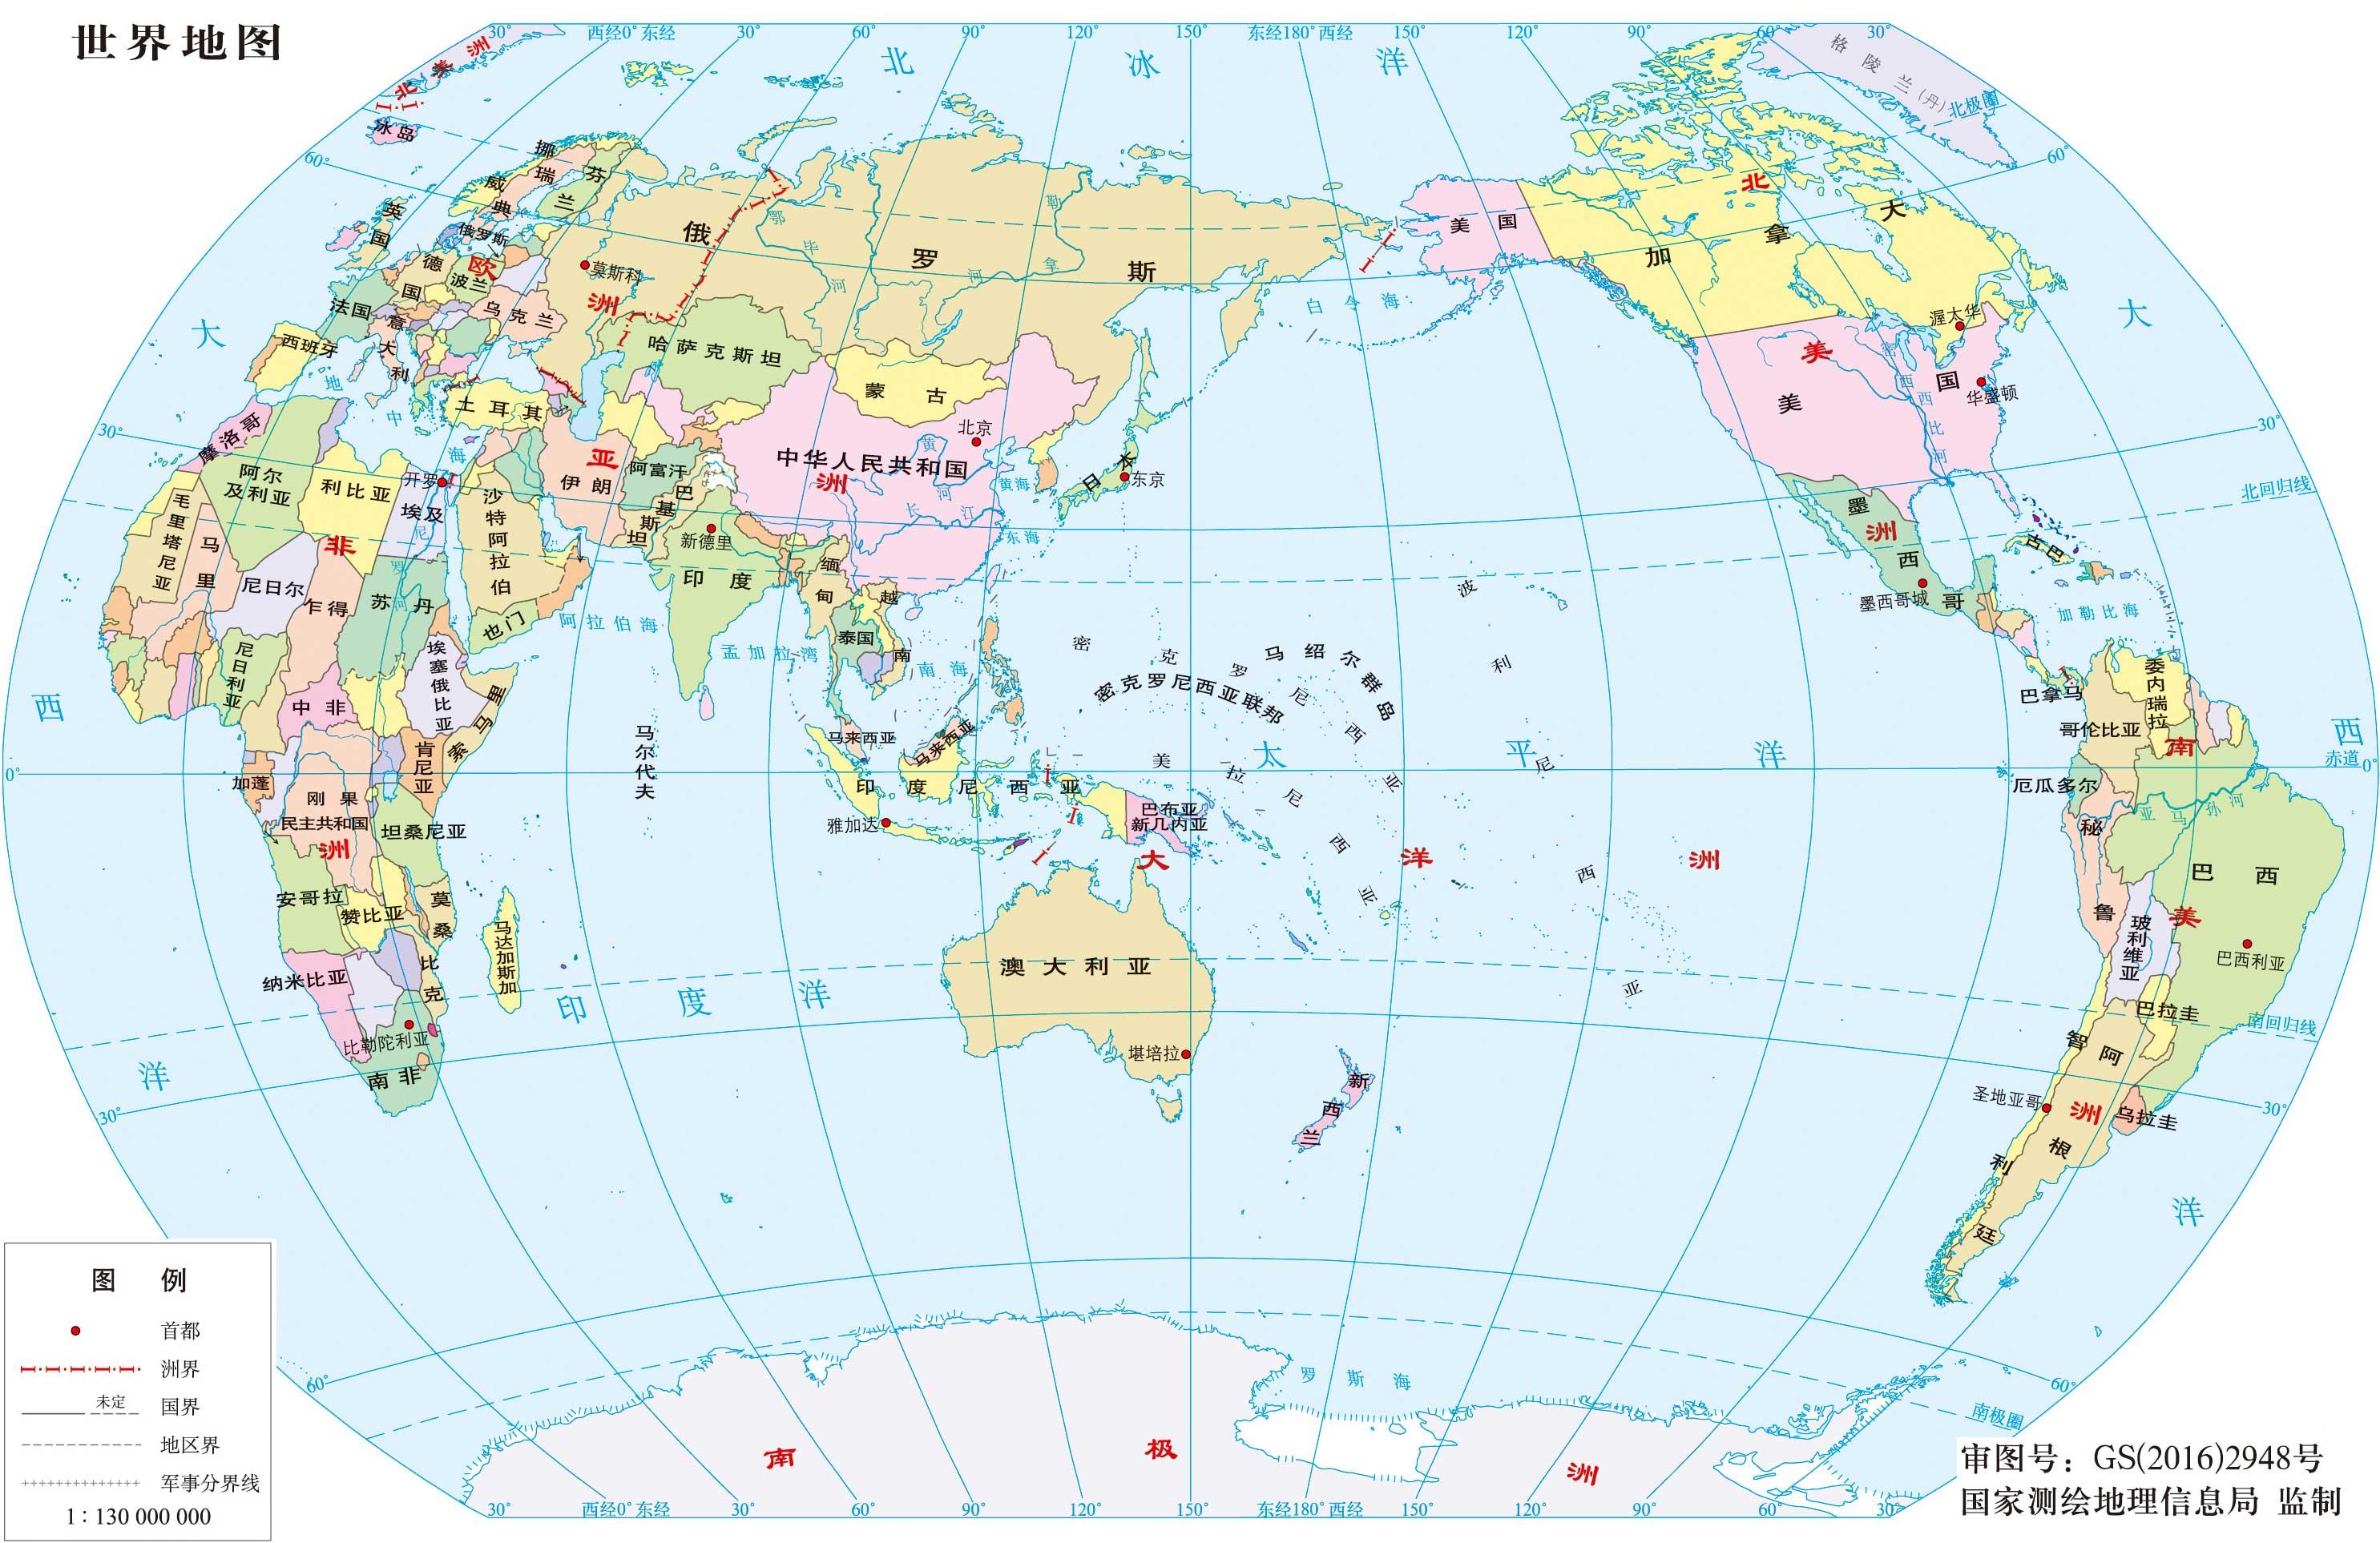 万和城招商-明代后期的世界地图坤舆万国全图由利玛窦和杭州人李之藻合作完成